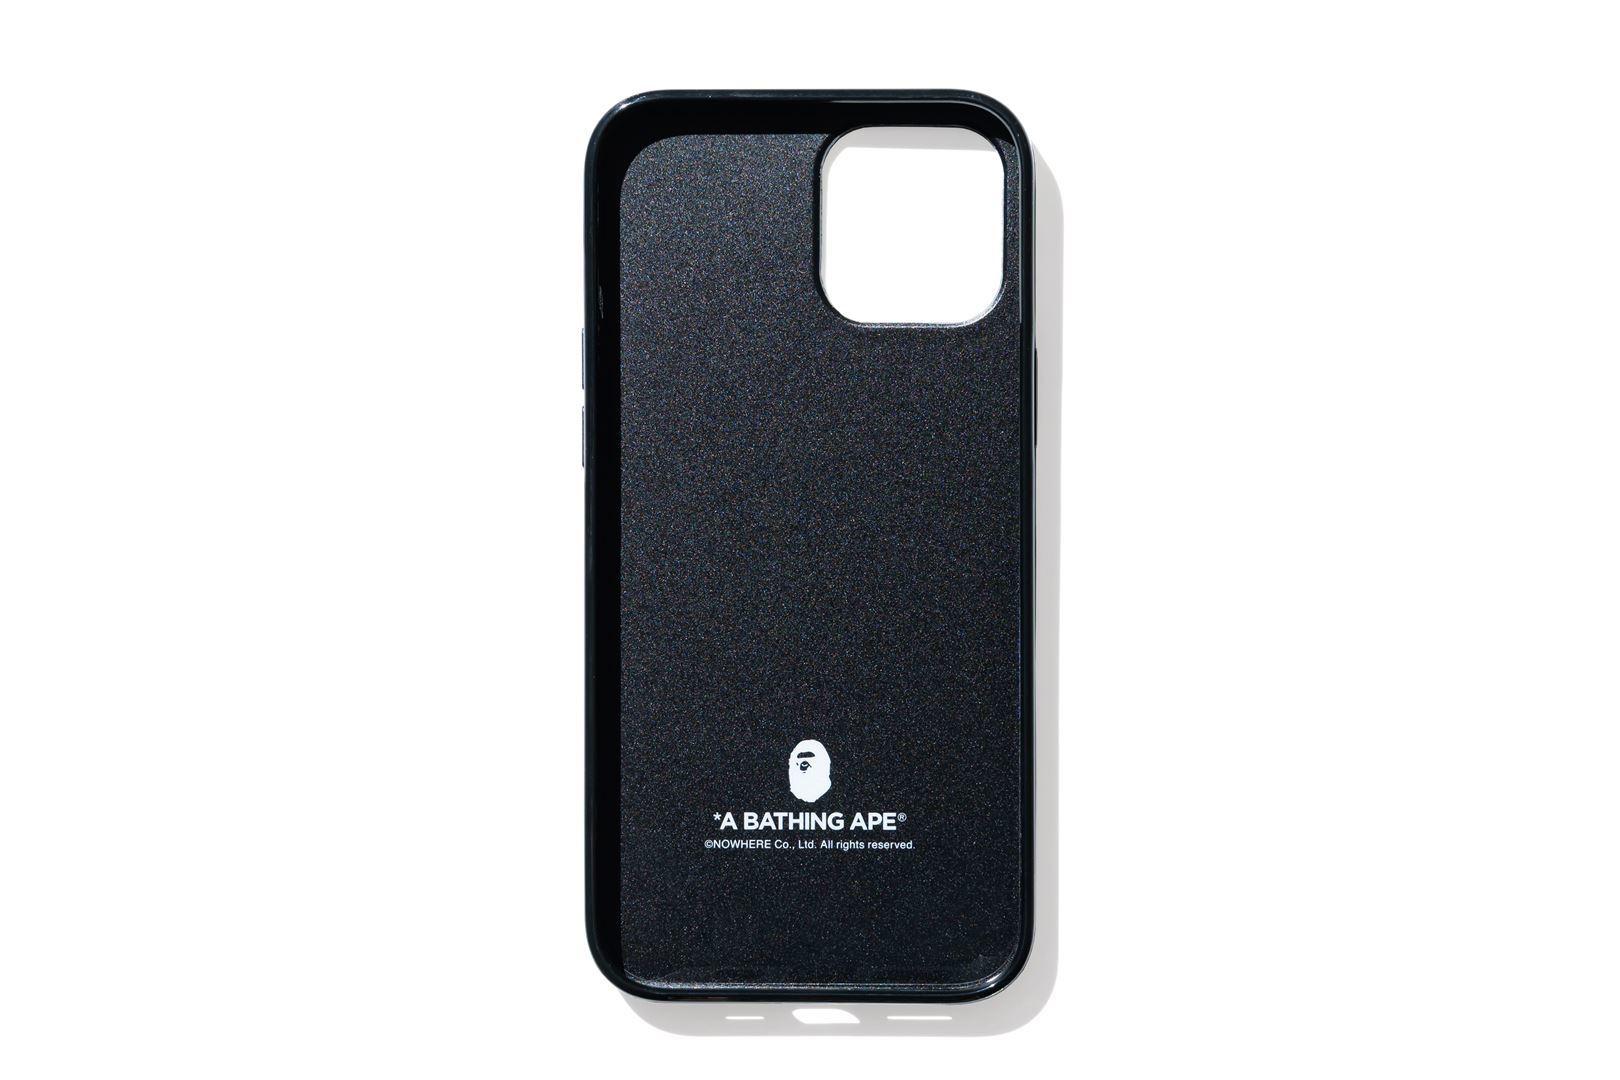 ABC CAMO iPhone 12 / 12 PRO / 12 PRO MAX / 12 MINI CASE_a0174495_13571864.jpg